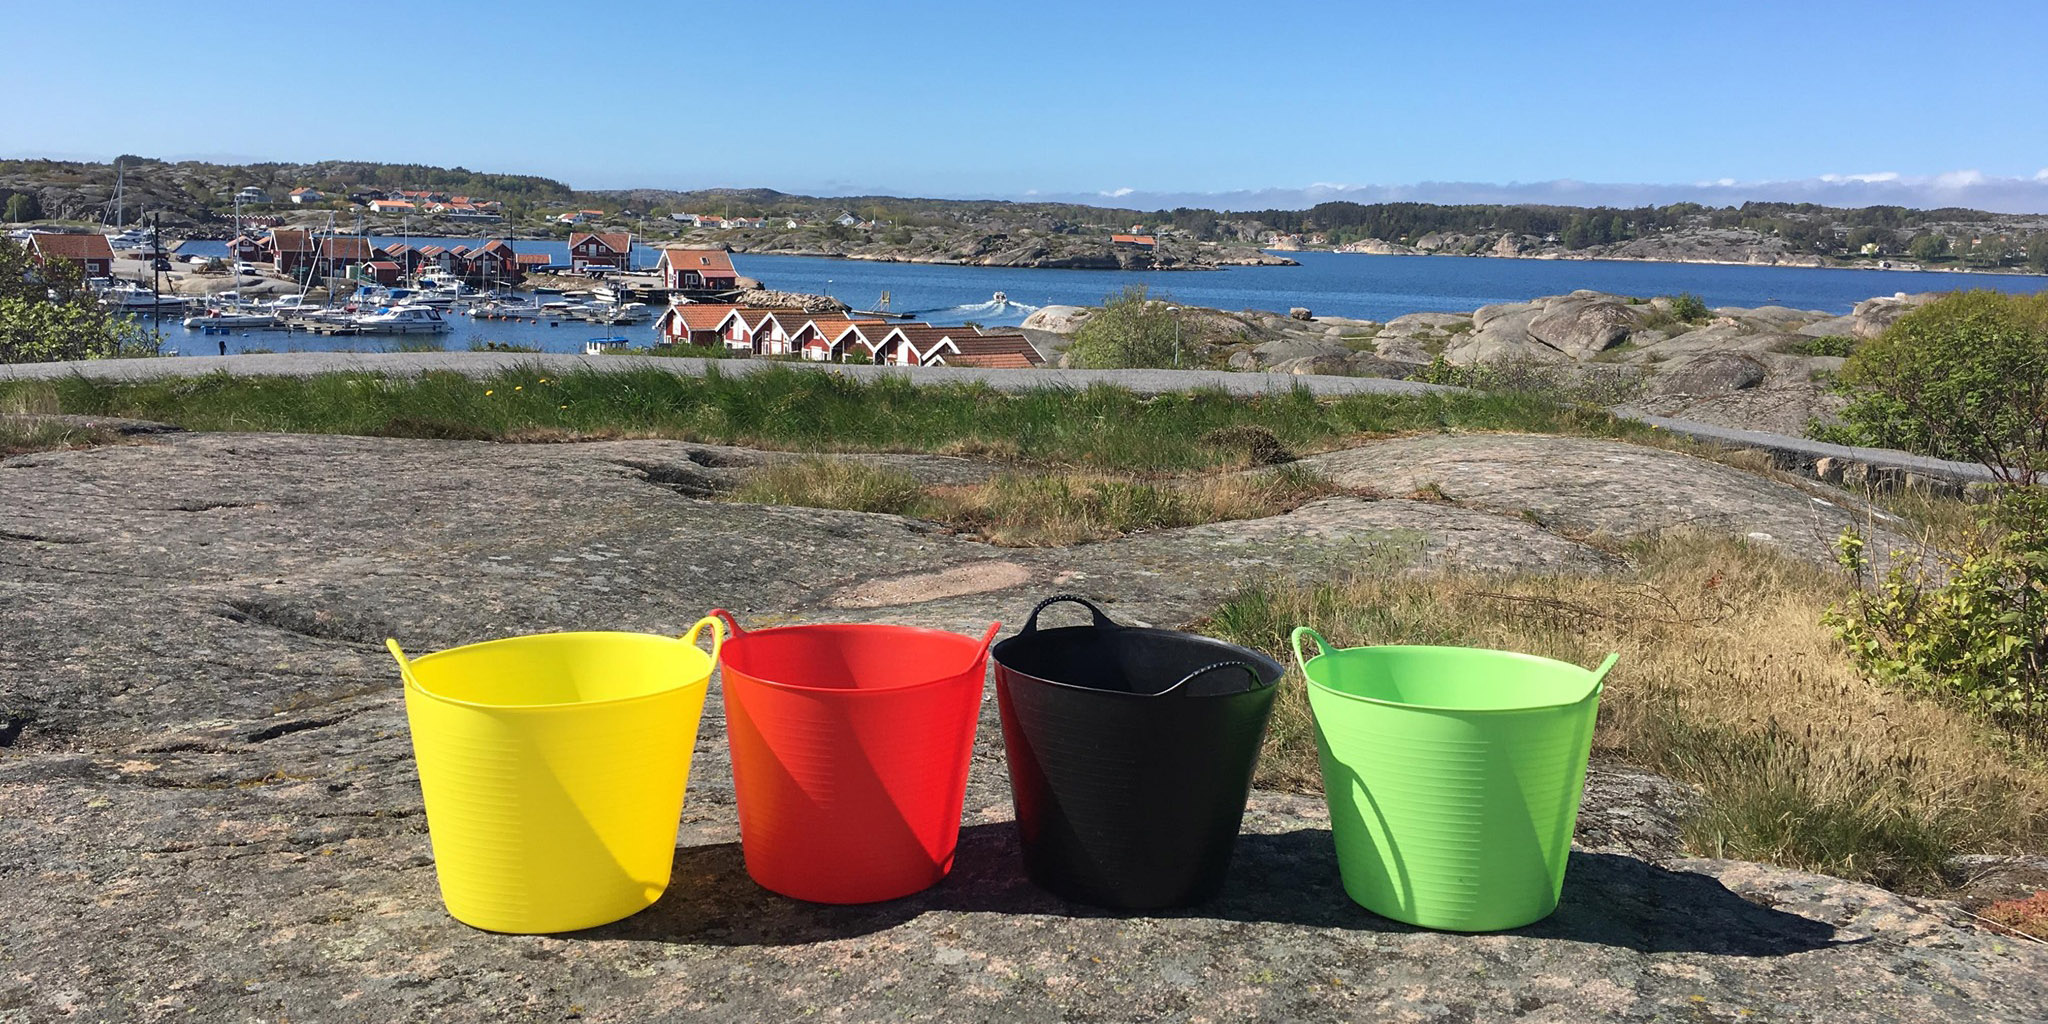 Bilden föreställer fyra stycken olikfärgade hinkar. En gul, en röd, en svart och en ljusgrön som står på en klippa. I bakgrunden ser vi små hus, båtar och havet.